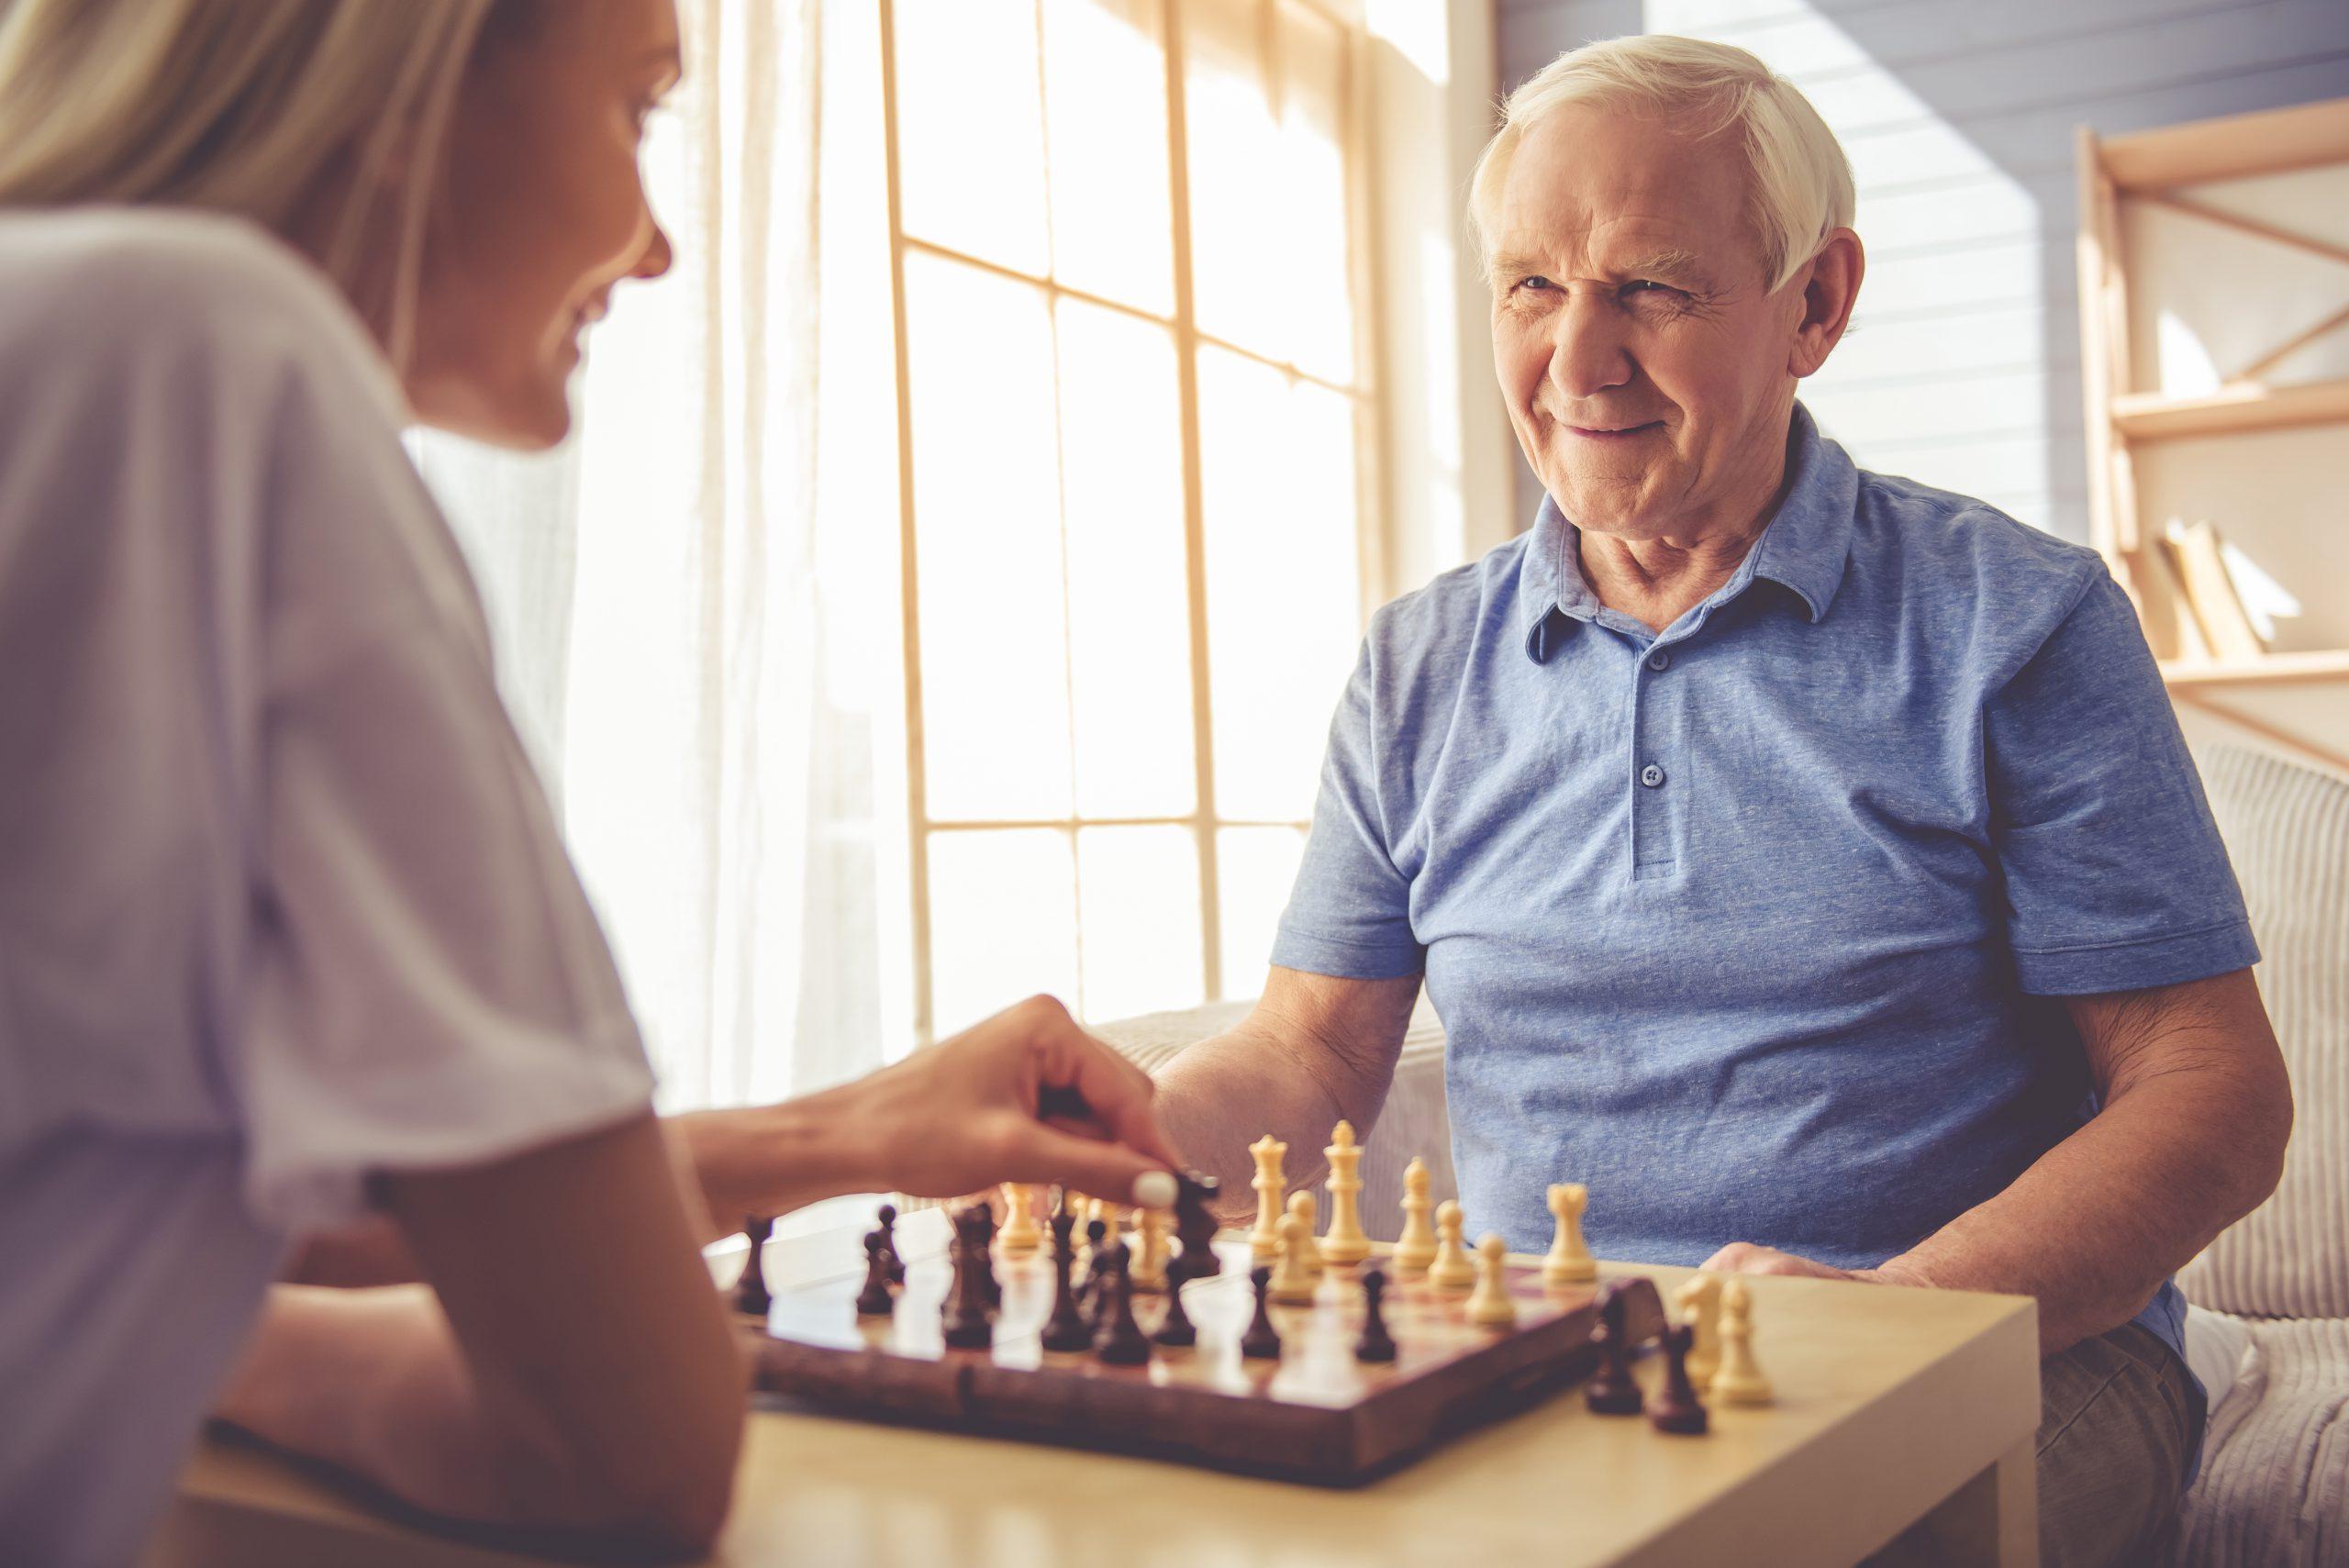 5 datos que no conocías sobre el Alzheimer